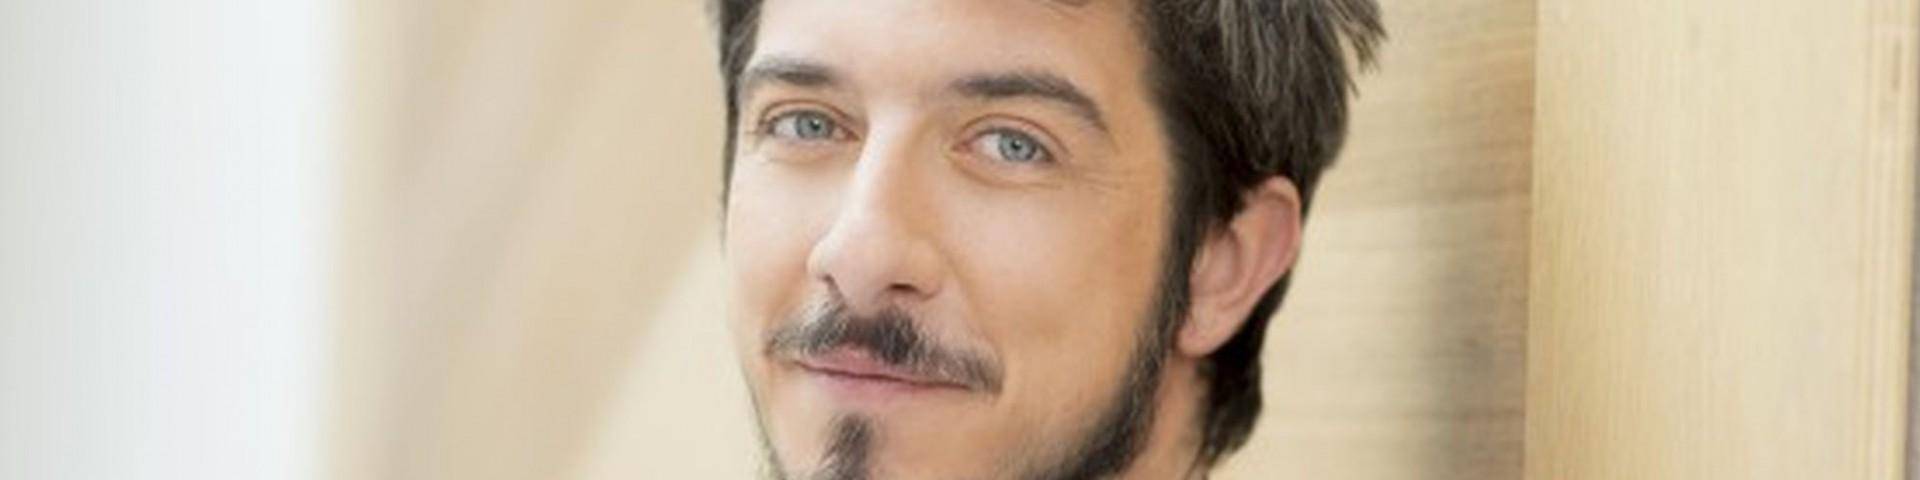 """Paolo Ruffini a Lingue a Sonagli: """"Isolamento forzato? Privilegiato perché vivo in hotel"""""""